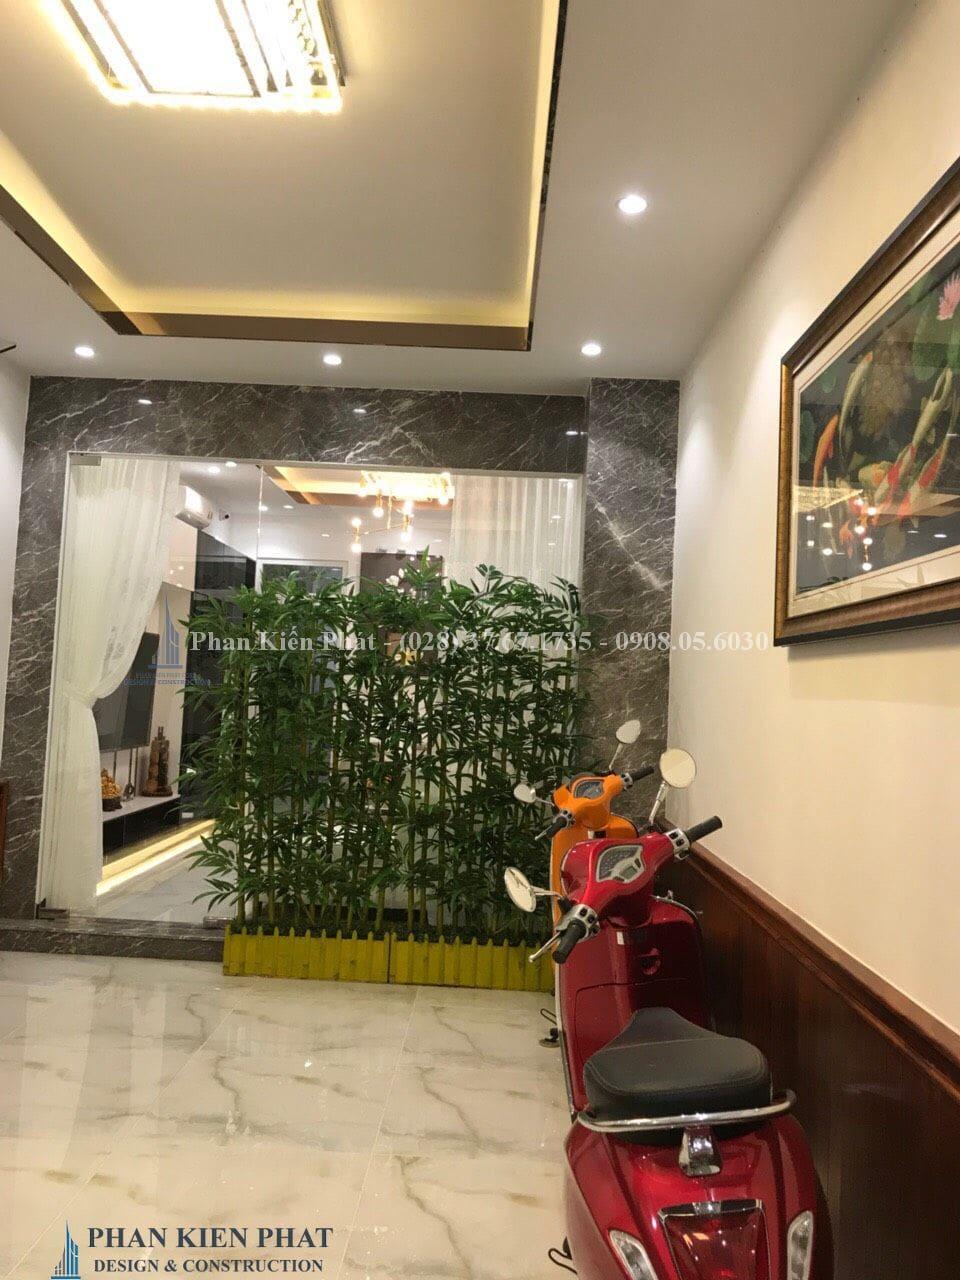 Hoan Thanh Cong Tac Hoan Thien Noi That Phong De Xe - công trình thi công hoàn thiện nhà phố 5 tầng